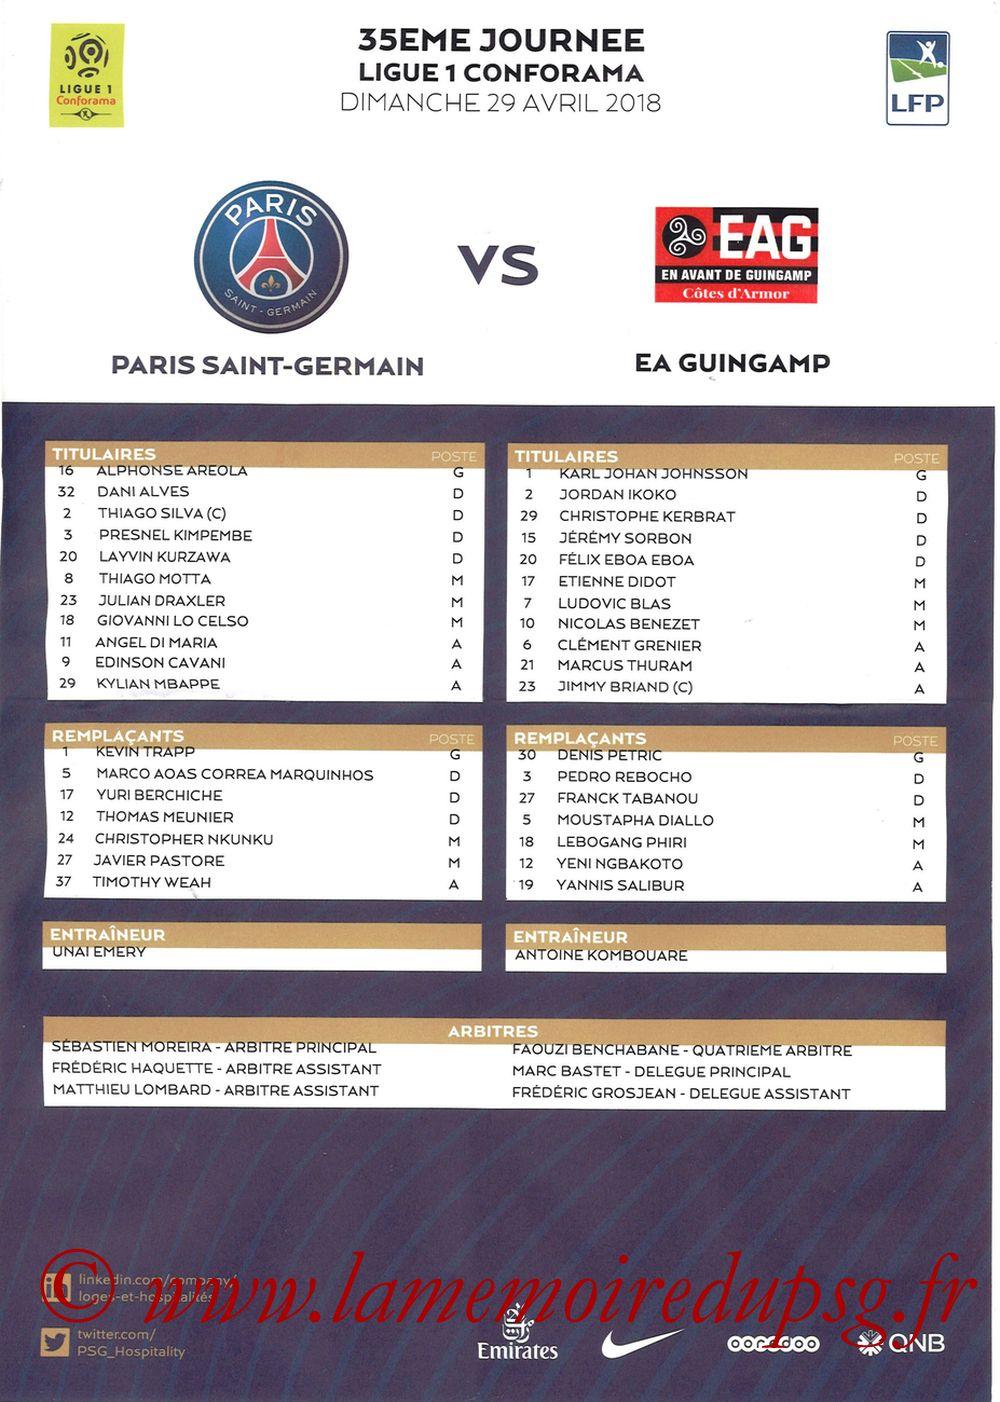 2018-04-29  PSG-Guingamp (35ème L1, Feuille de match)